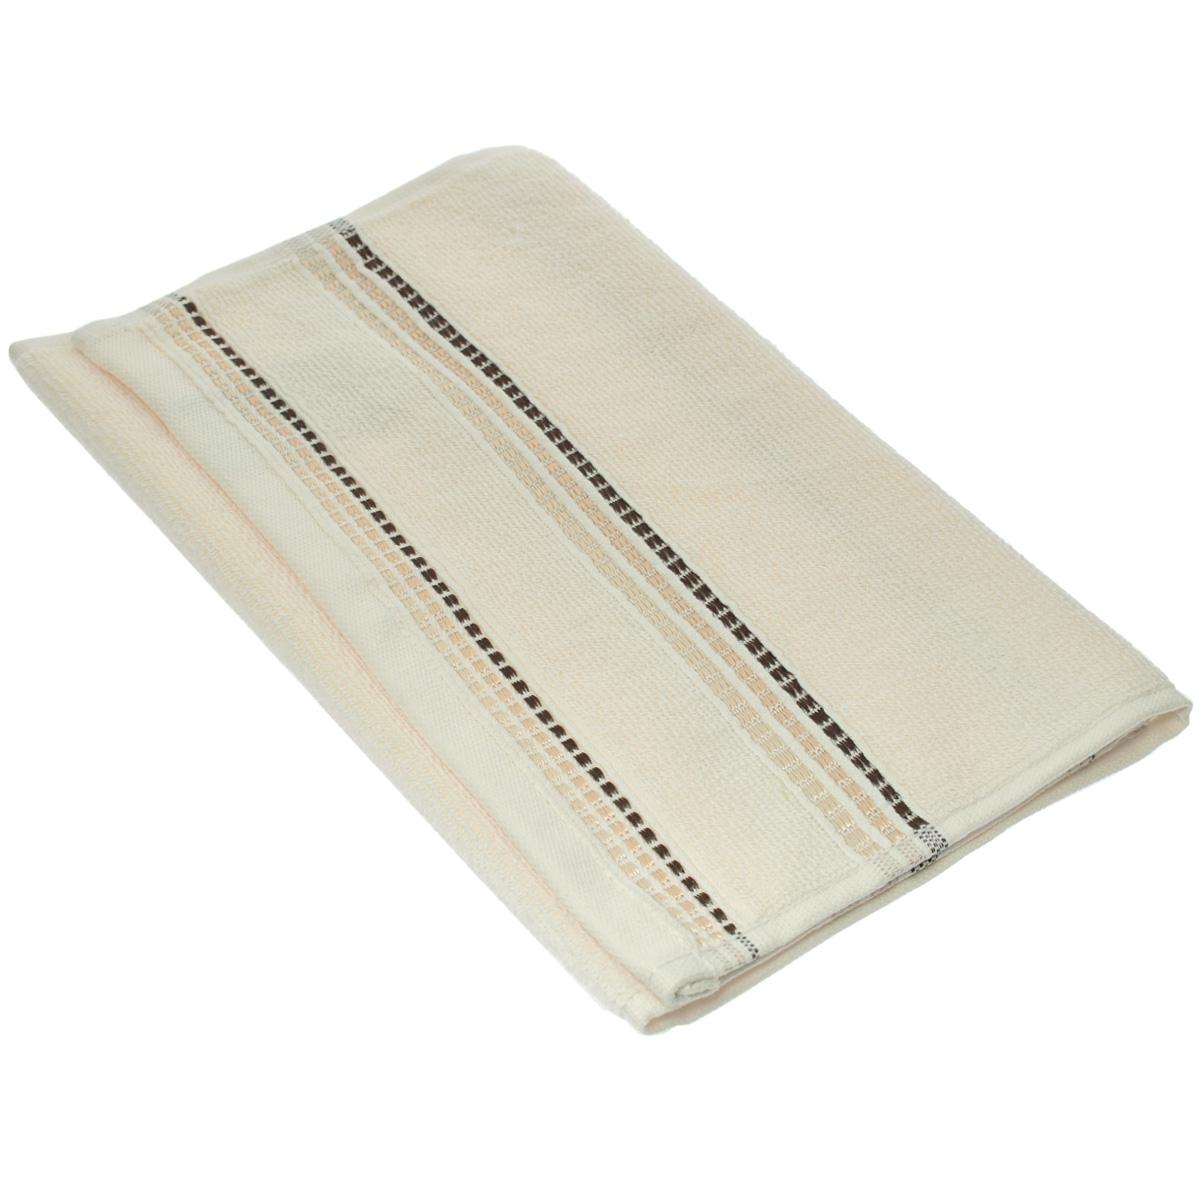 Полотенце махровое Coronet Пиано, цвет: молочный, 30 см х 50 см531-301Махровое полотенце Coronet Пиано, изготовленное из натурального хлопка, подарит массу положительных эмоций и приятных ощущений. Полотенце отличается нежностью и мягкостью материала, утонченным дизайном и превосходным качеством. Оно прекрасно впитывает влагу, быстро сохнет и не теряет своих свойств после многократных стирок. Махровое полотенце Coronet Пиано станет достойным выбором для вас и приятным подарком для ваших близких. Мягкость и высокое качество материала, из которого изготовлены полотенца не оставит вас равнодушными.